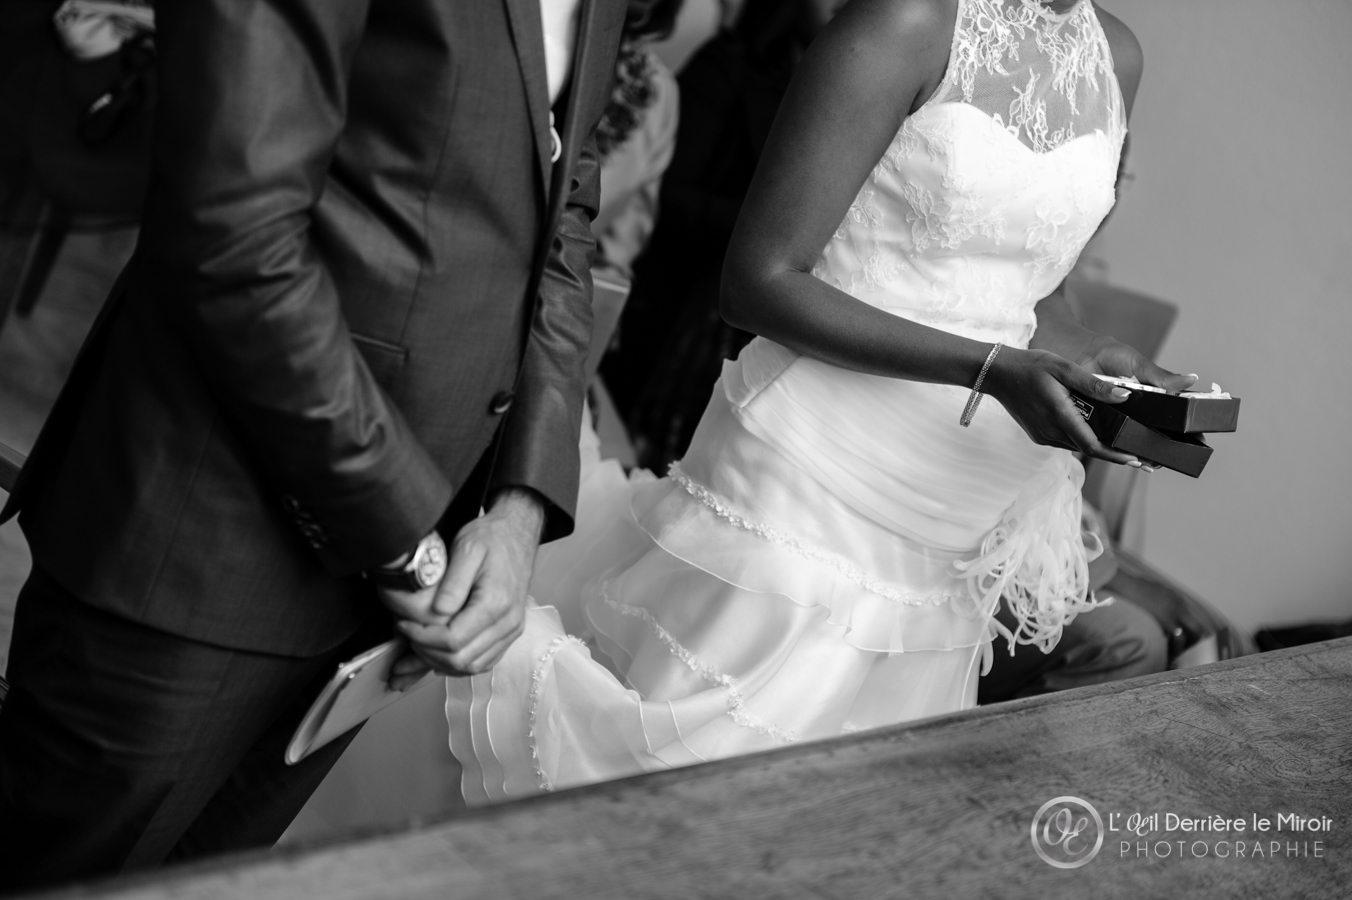 Photos de mariage à la mairie de Mougins par L'OEil Derrière le Miroir